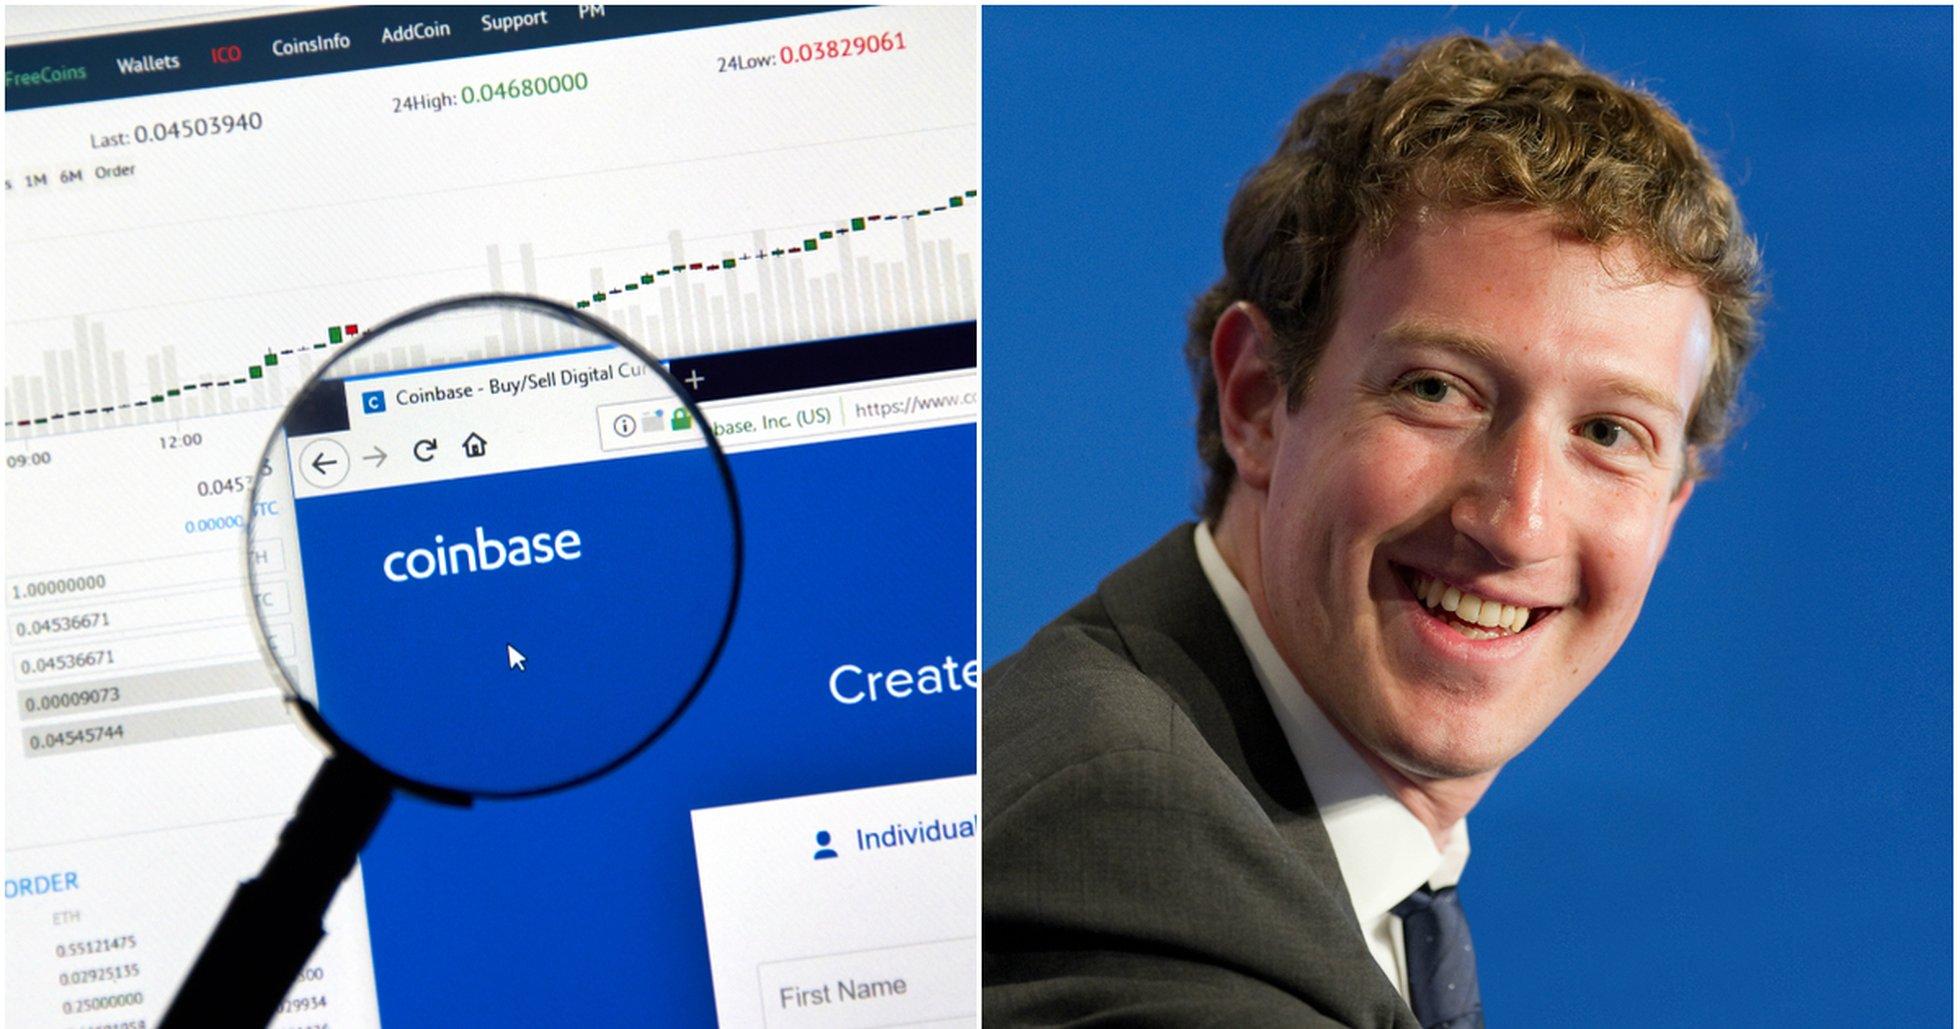 Kryptodygnet: Små kursrörelser och rykten om att Facebook vill köpa Coinbase.